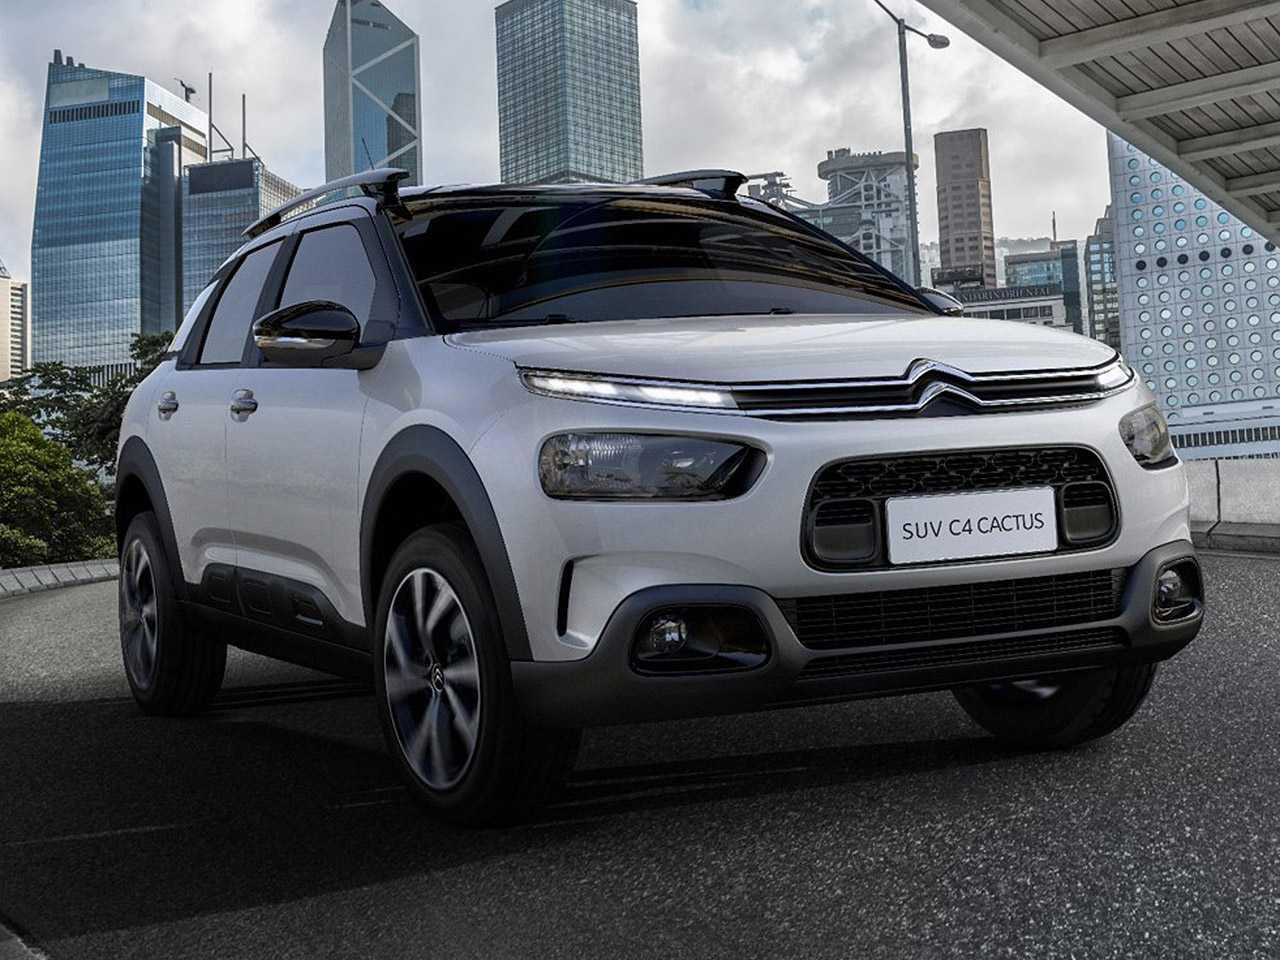 Citroën C4 Cactus: raro modelo 0 km negociado com desconto